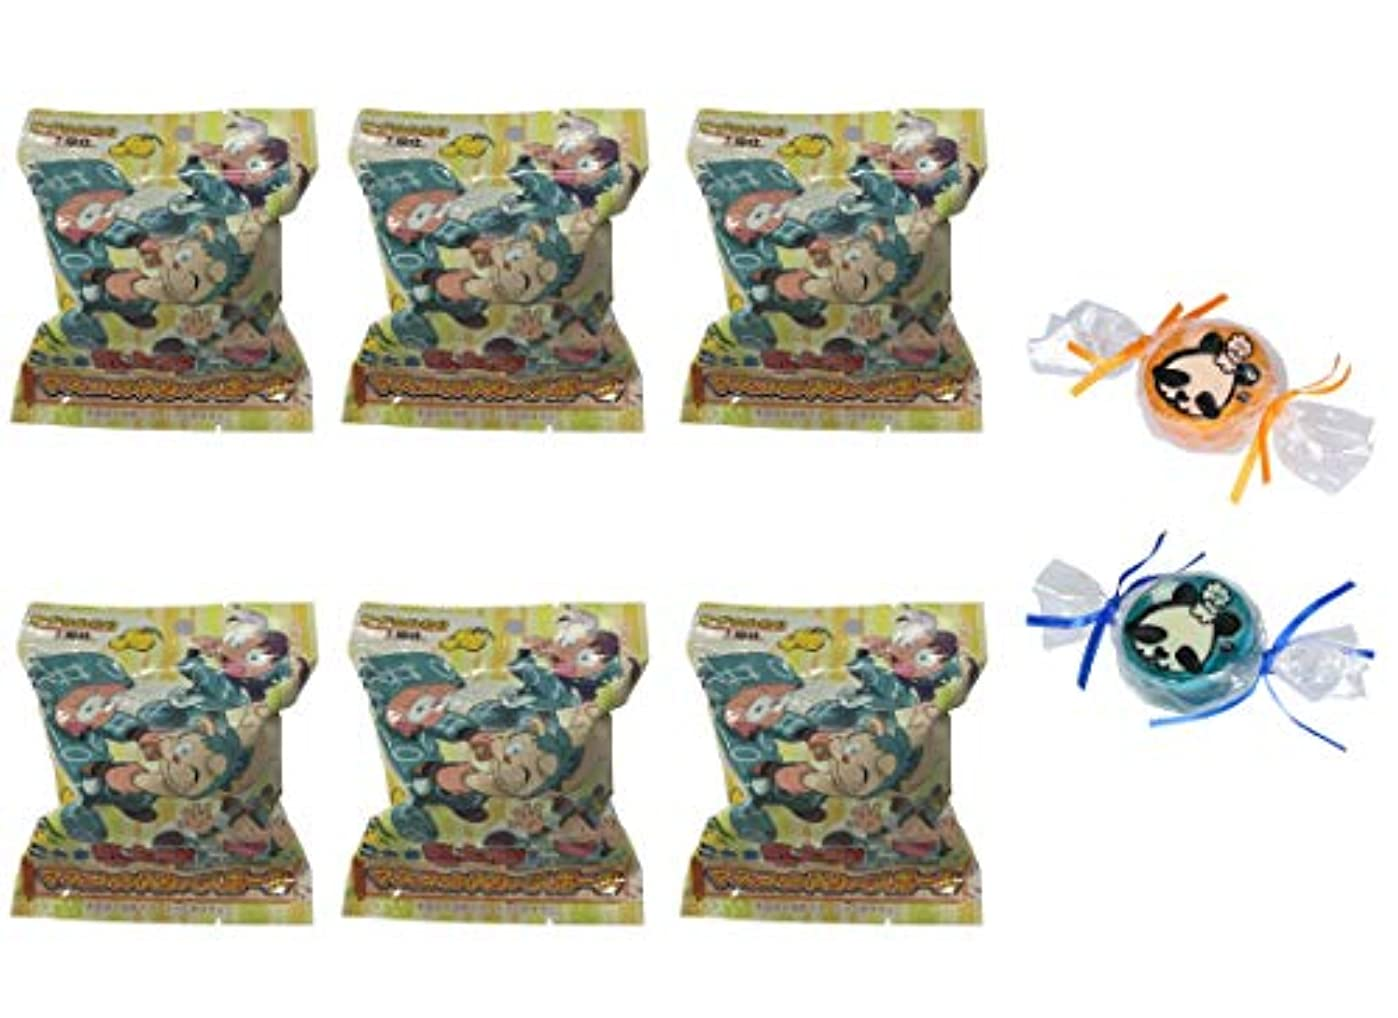 ホイスト雪の時系列【6個セット+ミニ石けん付】サンタン 忍たま乱太郎 マスコット入り バスボール ゆずの香り 80g【パンダ石けん2個付】